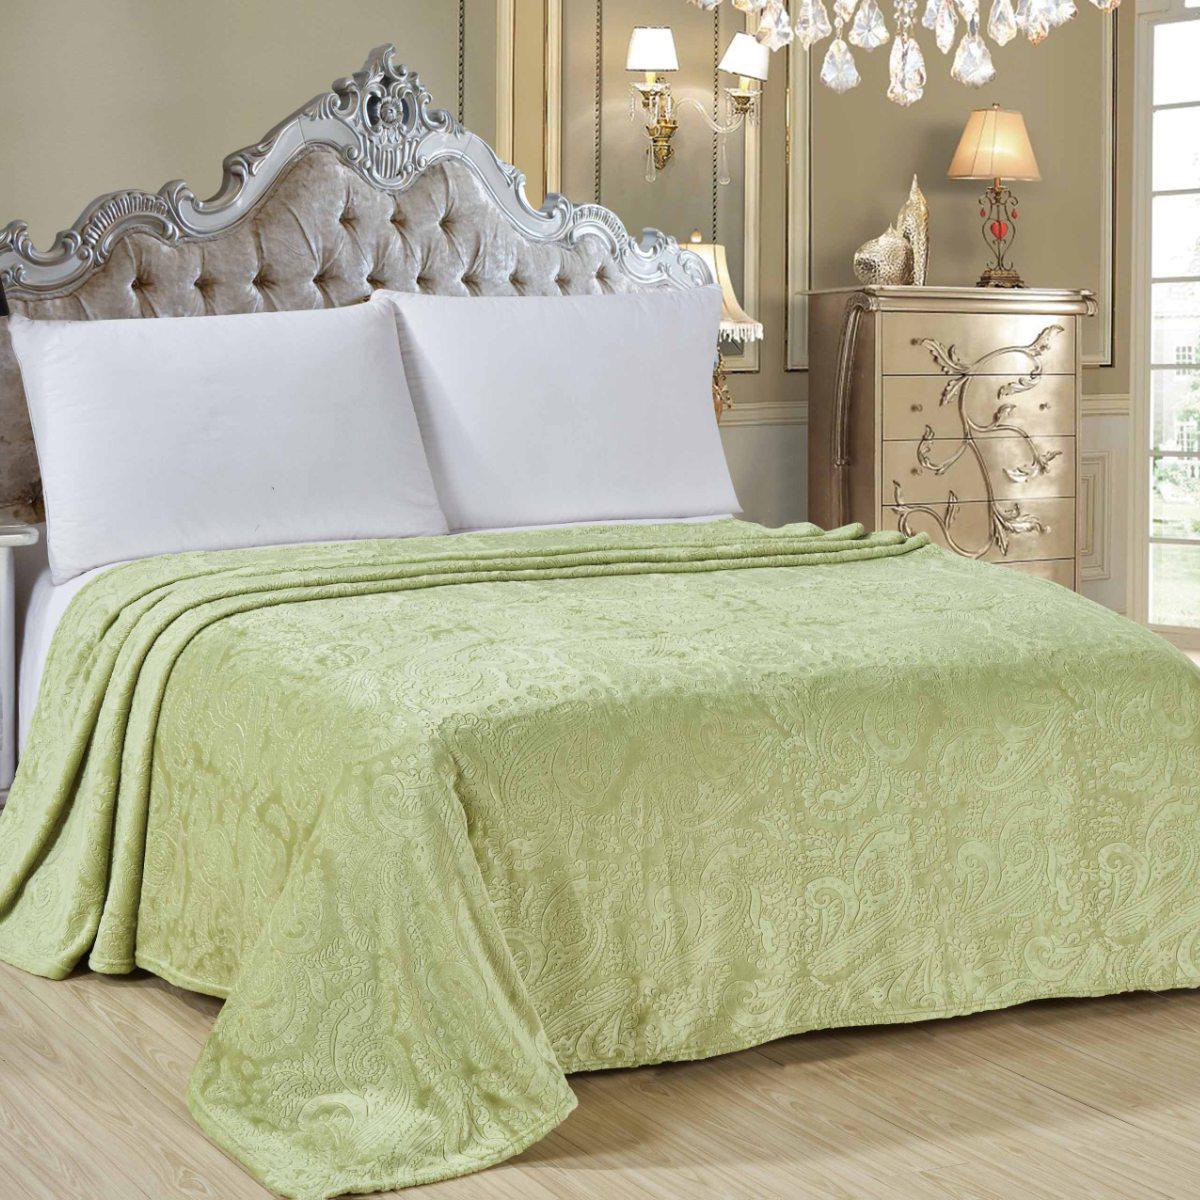 Плед Letto Велсофт, цвет: зеленый, 200 х 220 см. V136-6 цена